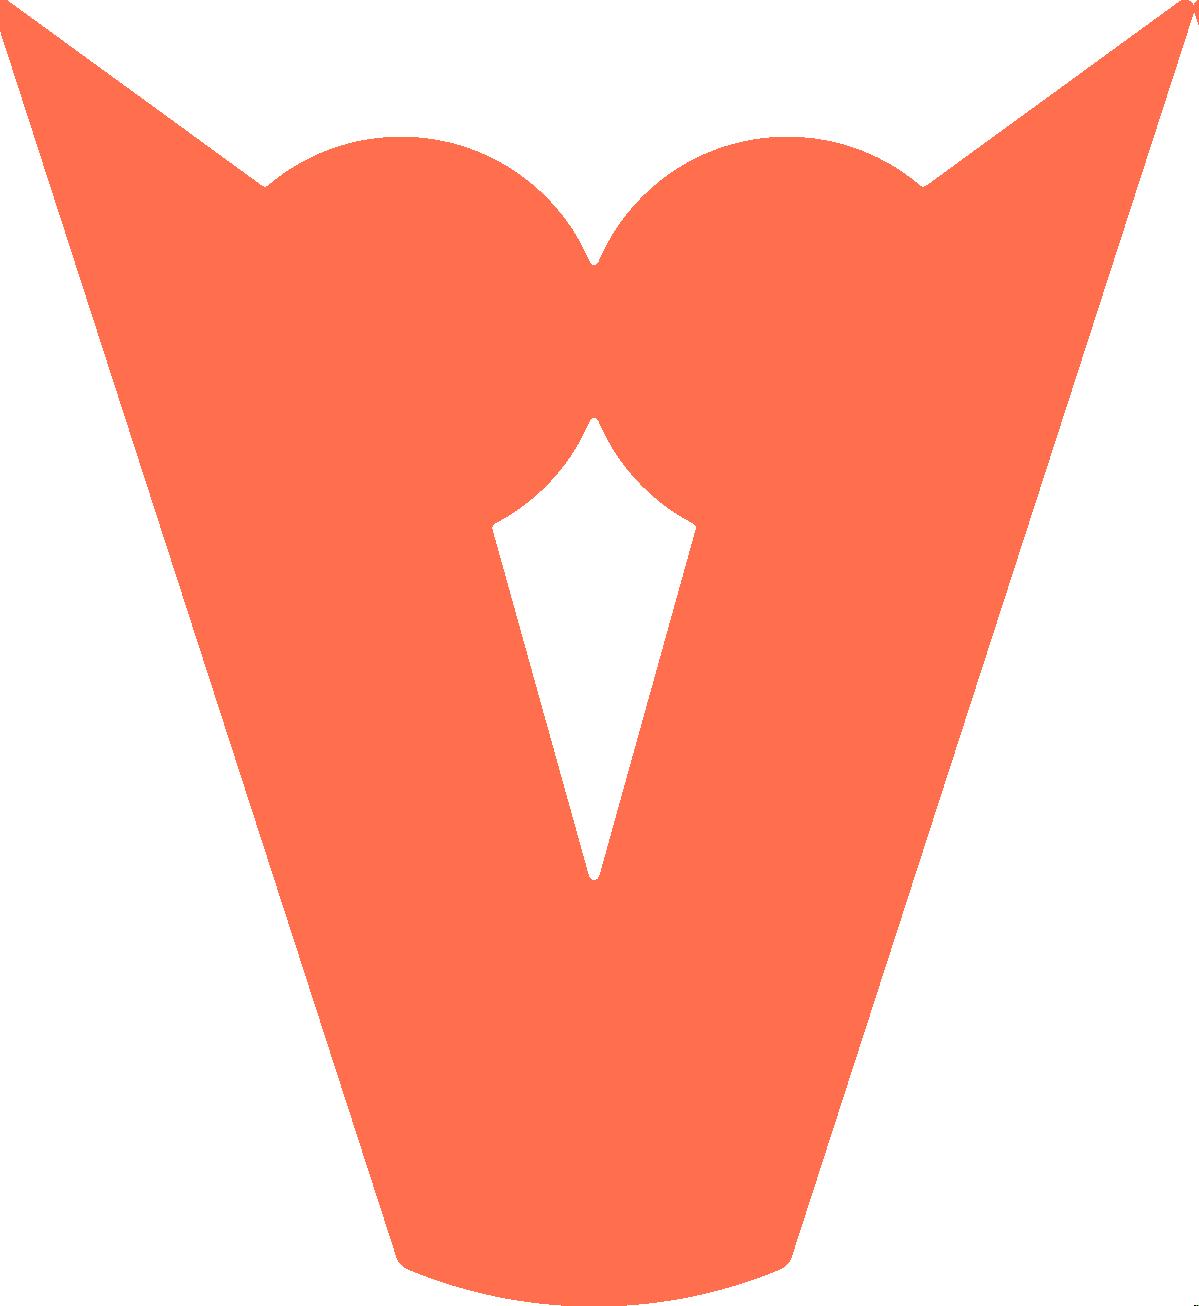 Vince Baarson Owl Logo